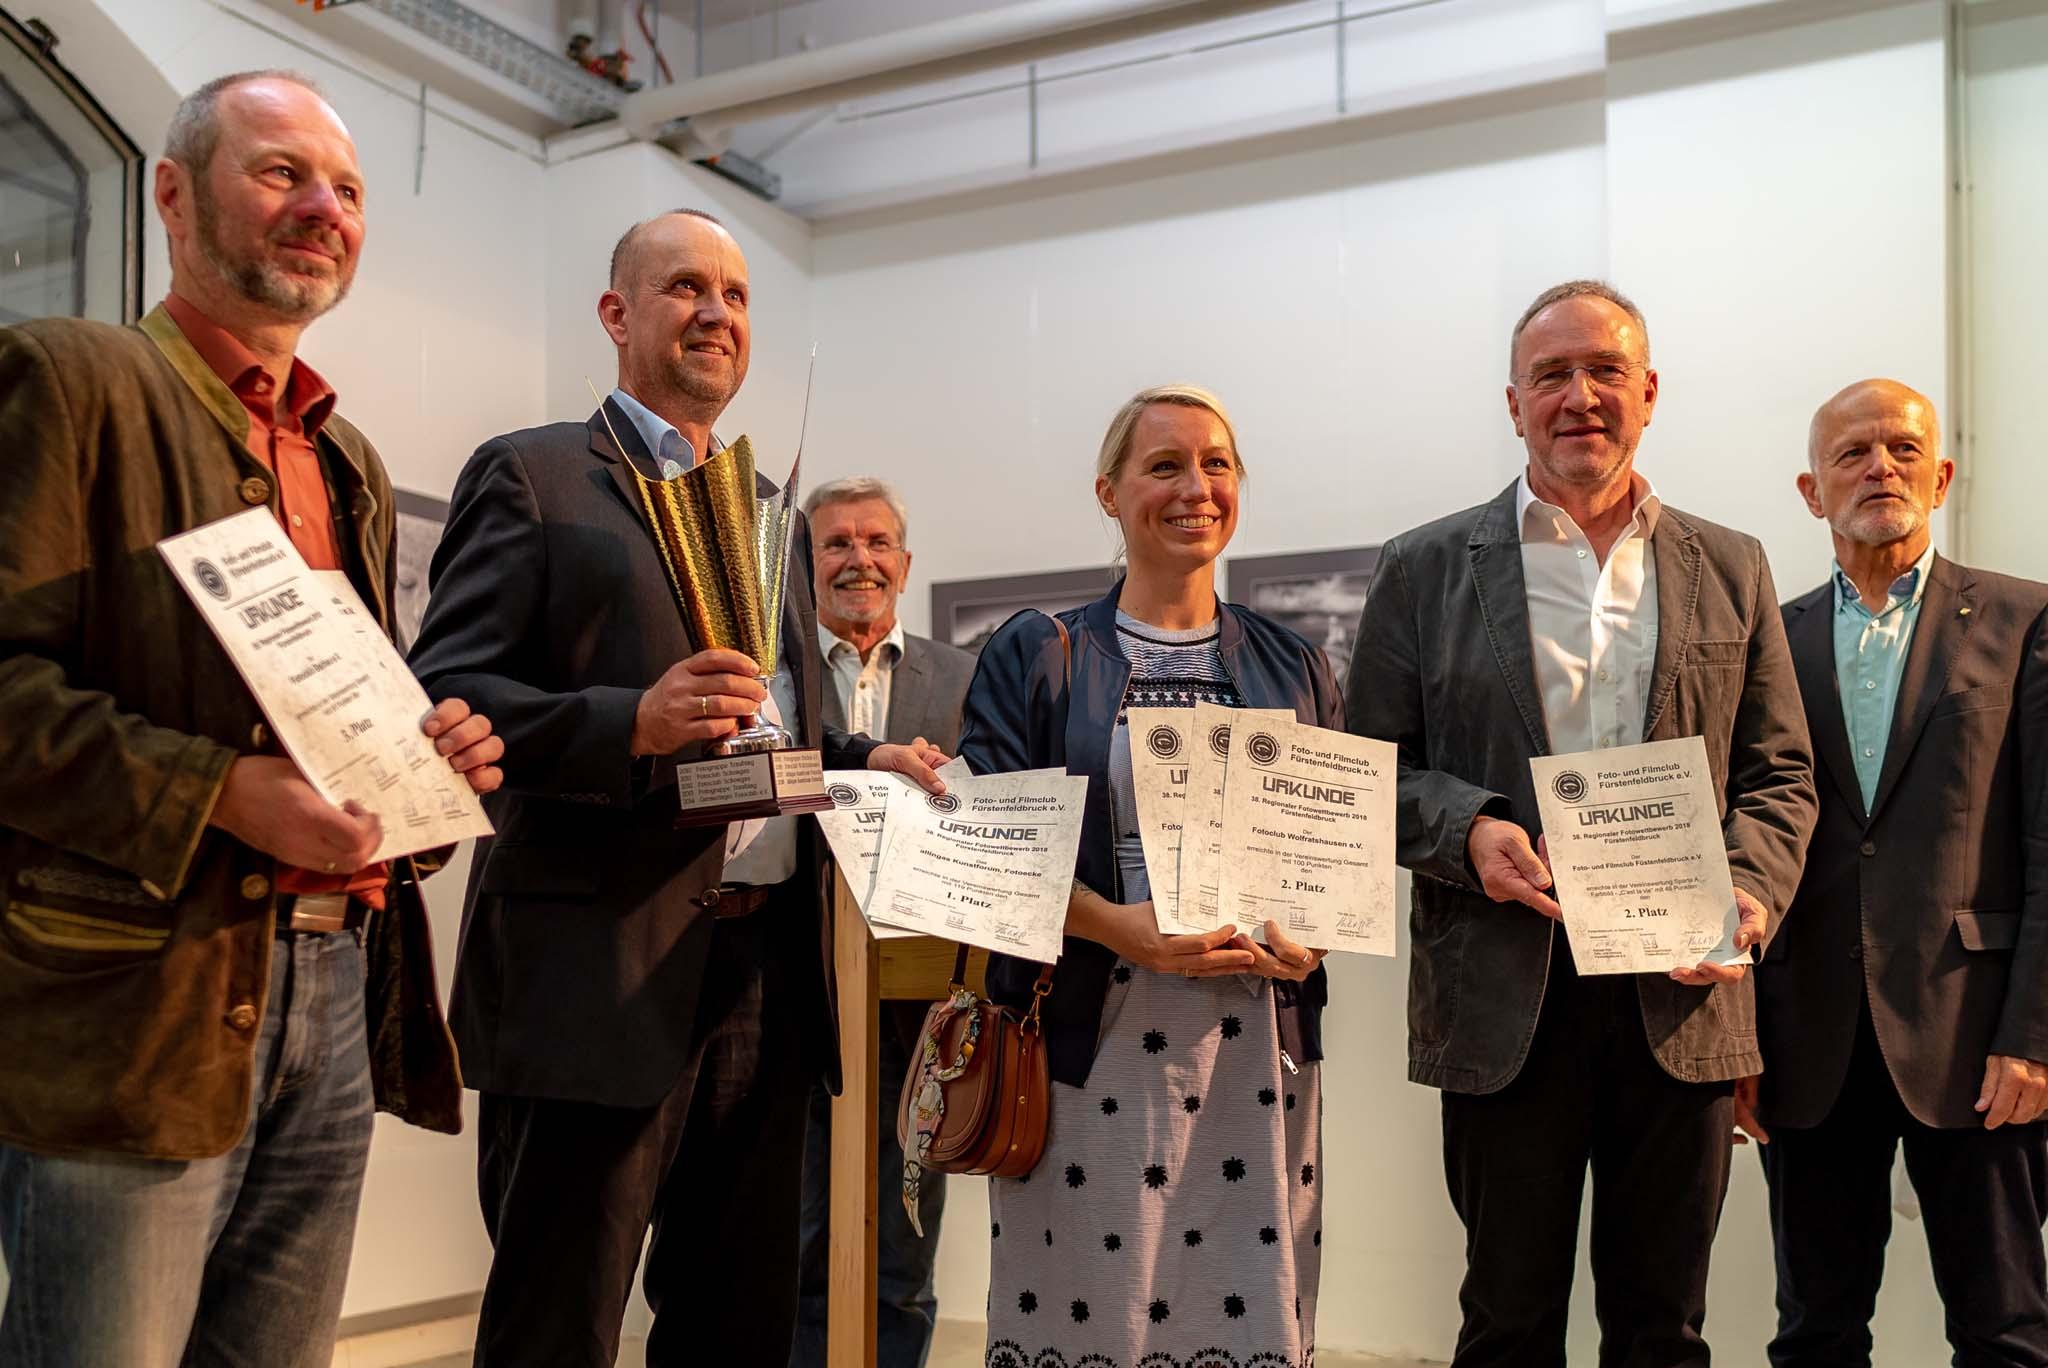 Siegerbild nach der Ehrung beim Regio 2018 in Fürstenfeldbruck - mittig im blauen Kleid: die First Lady vom Fotoclub Wolfratshausen mit den Siegerurkunden.